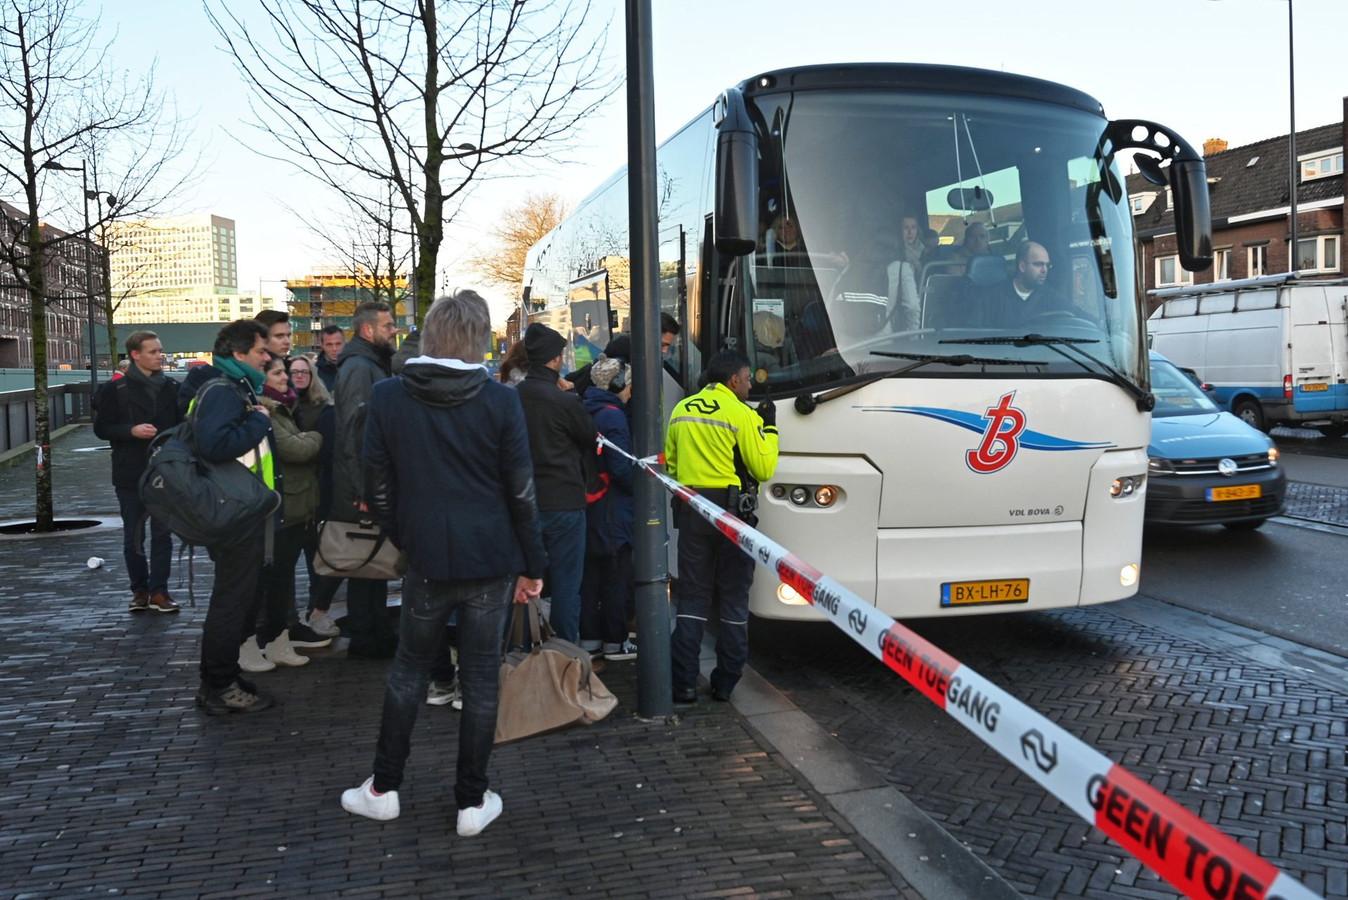 Vanwege een treinstoring bij station Breda werden bussen ingezet.